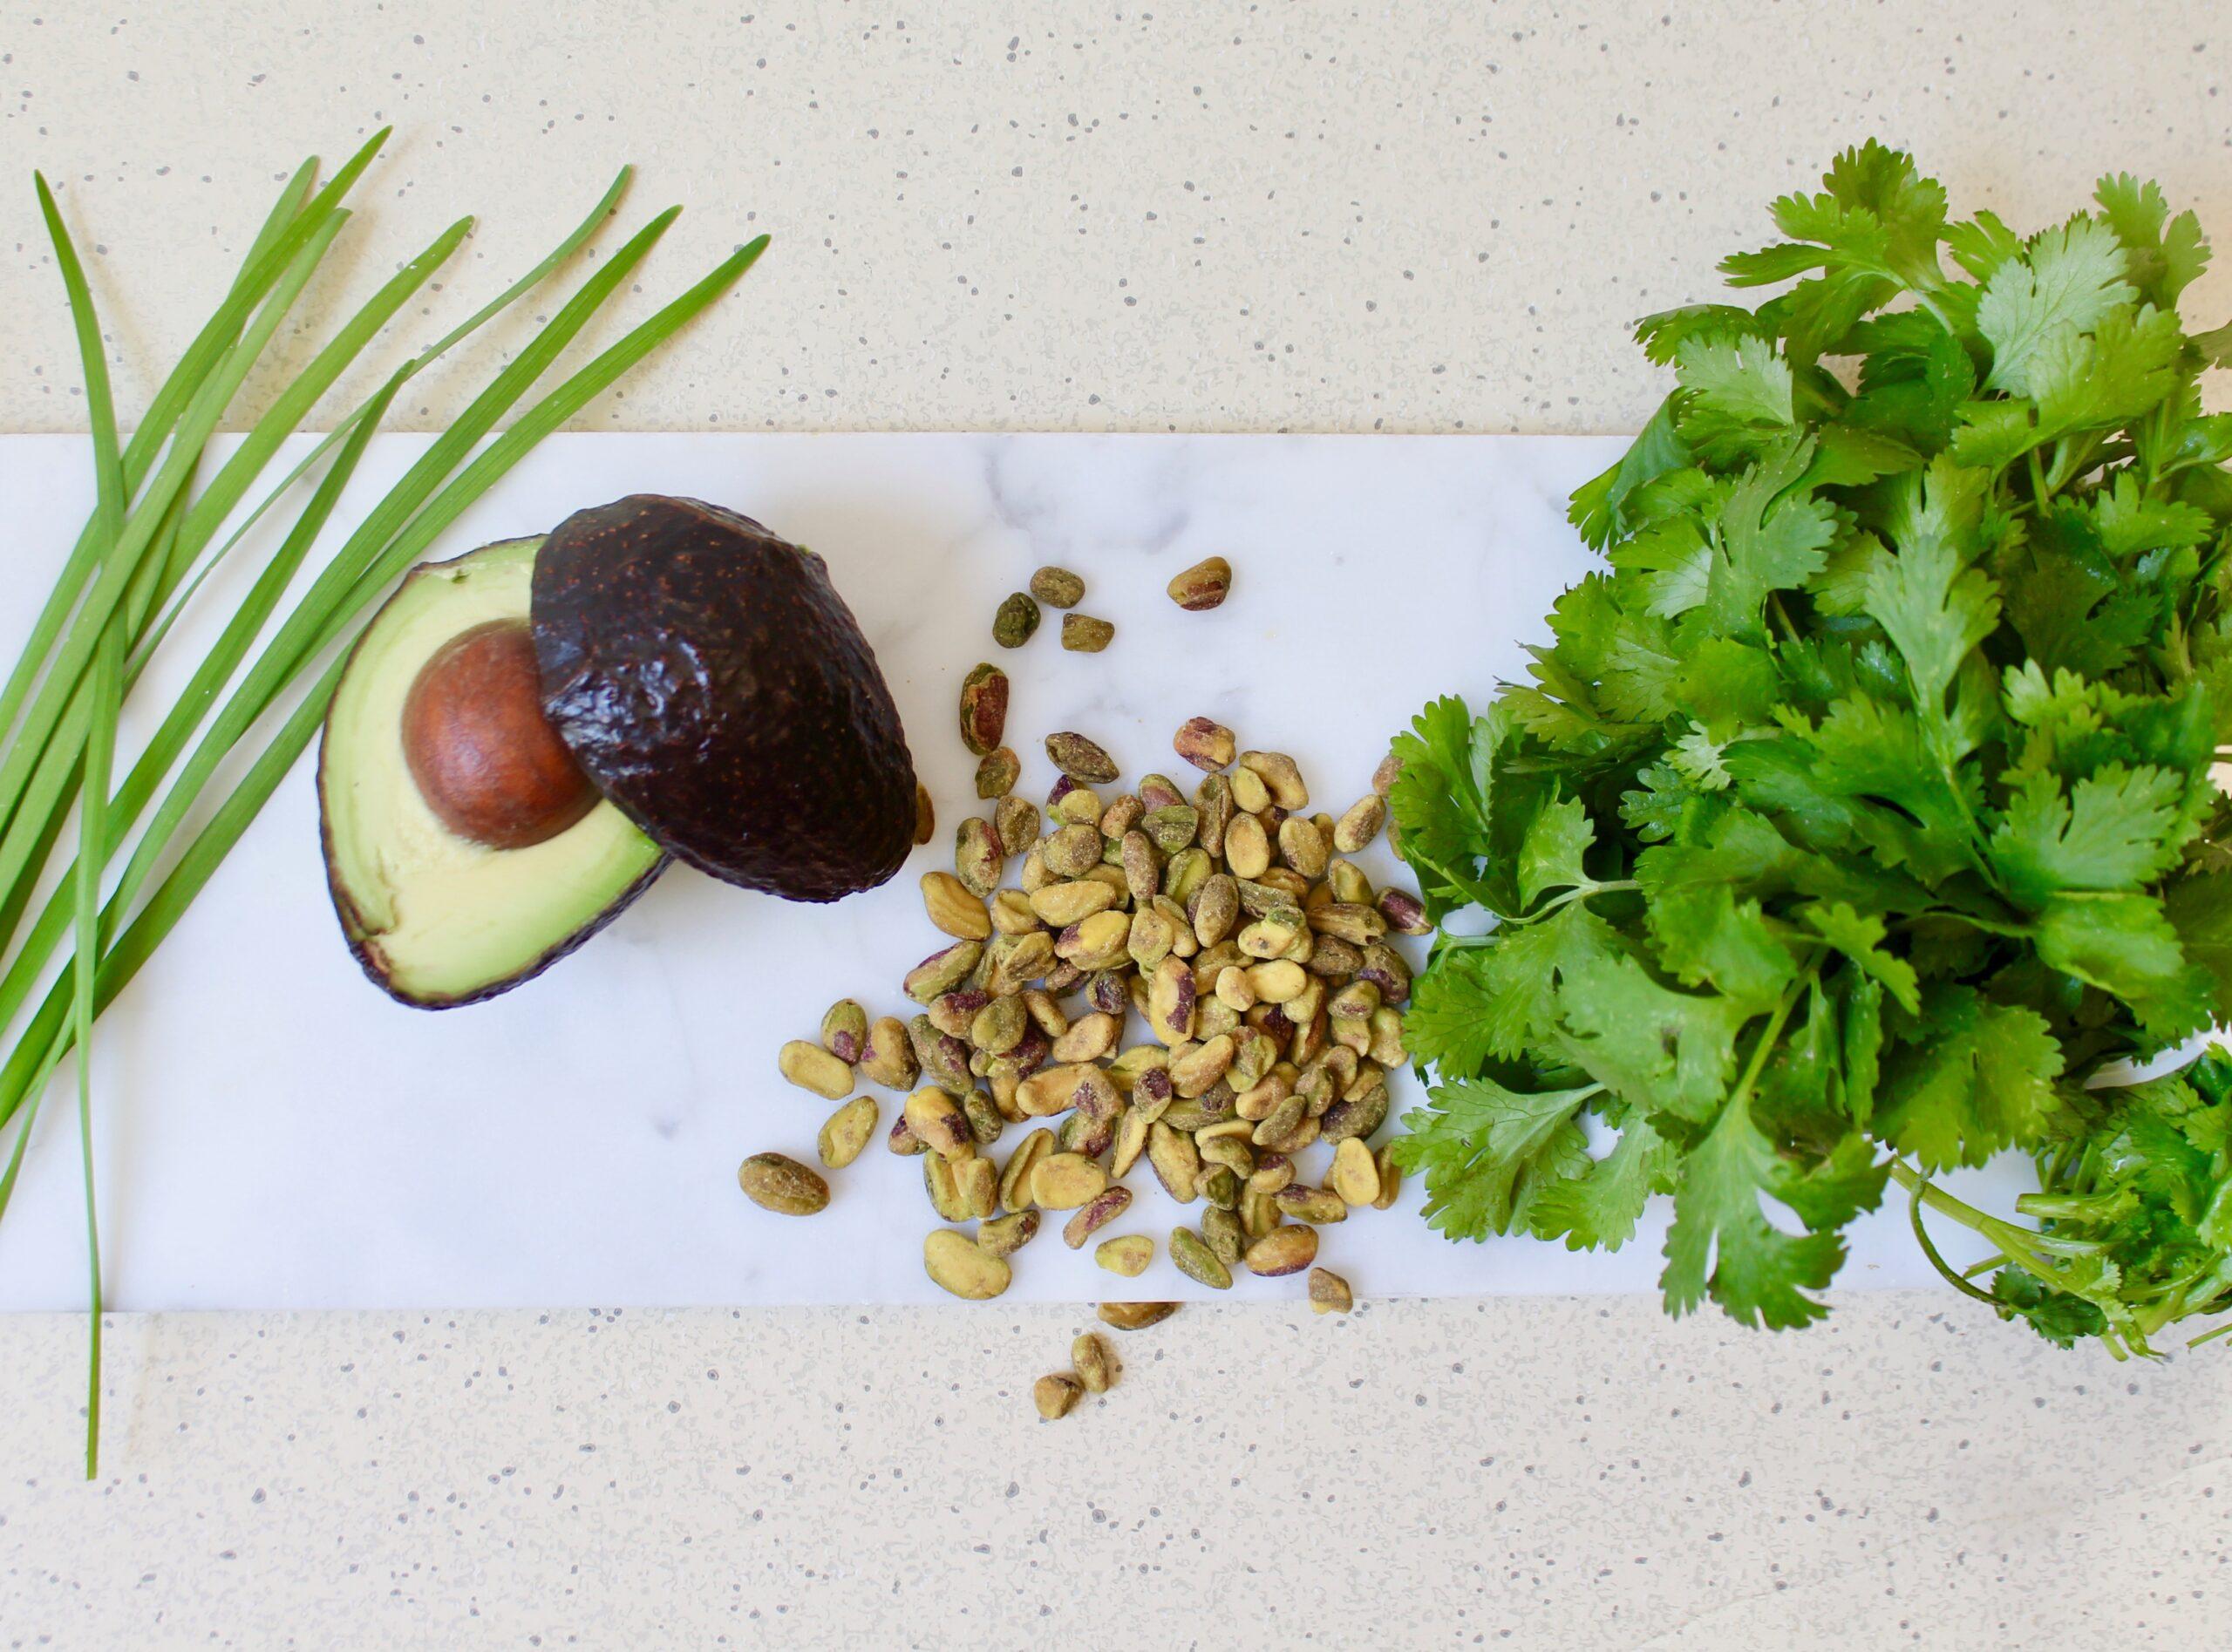 ingredients for herbed pistachio sauce